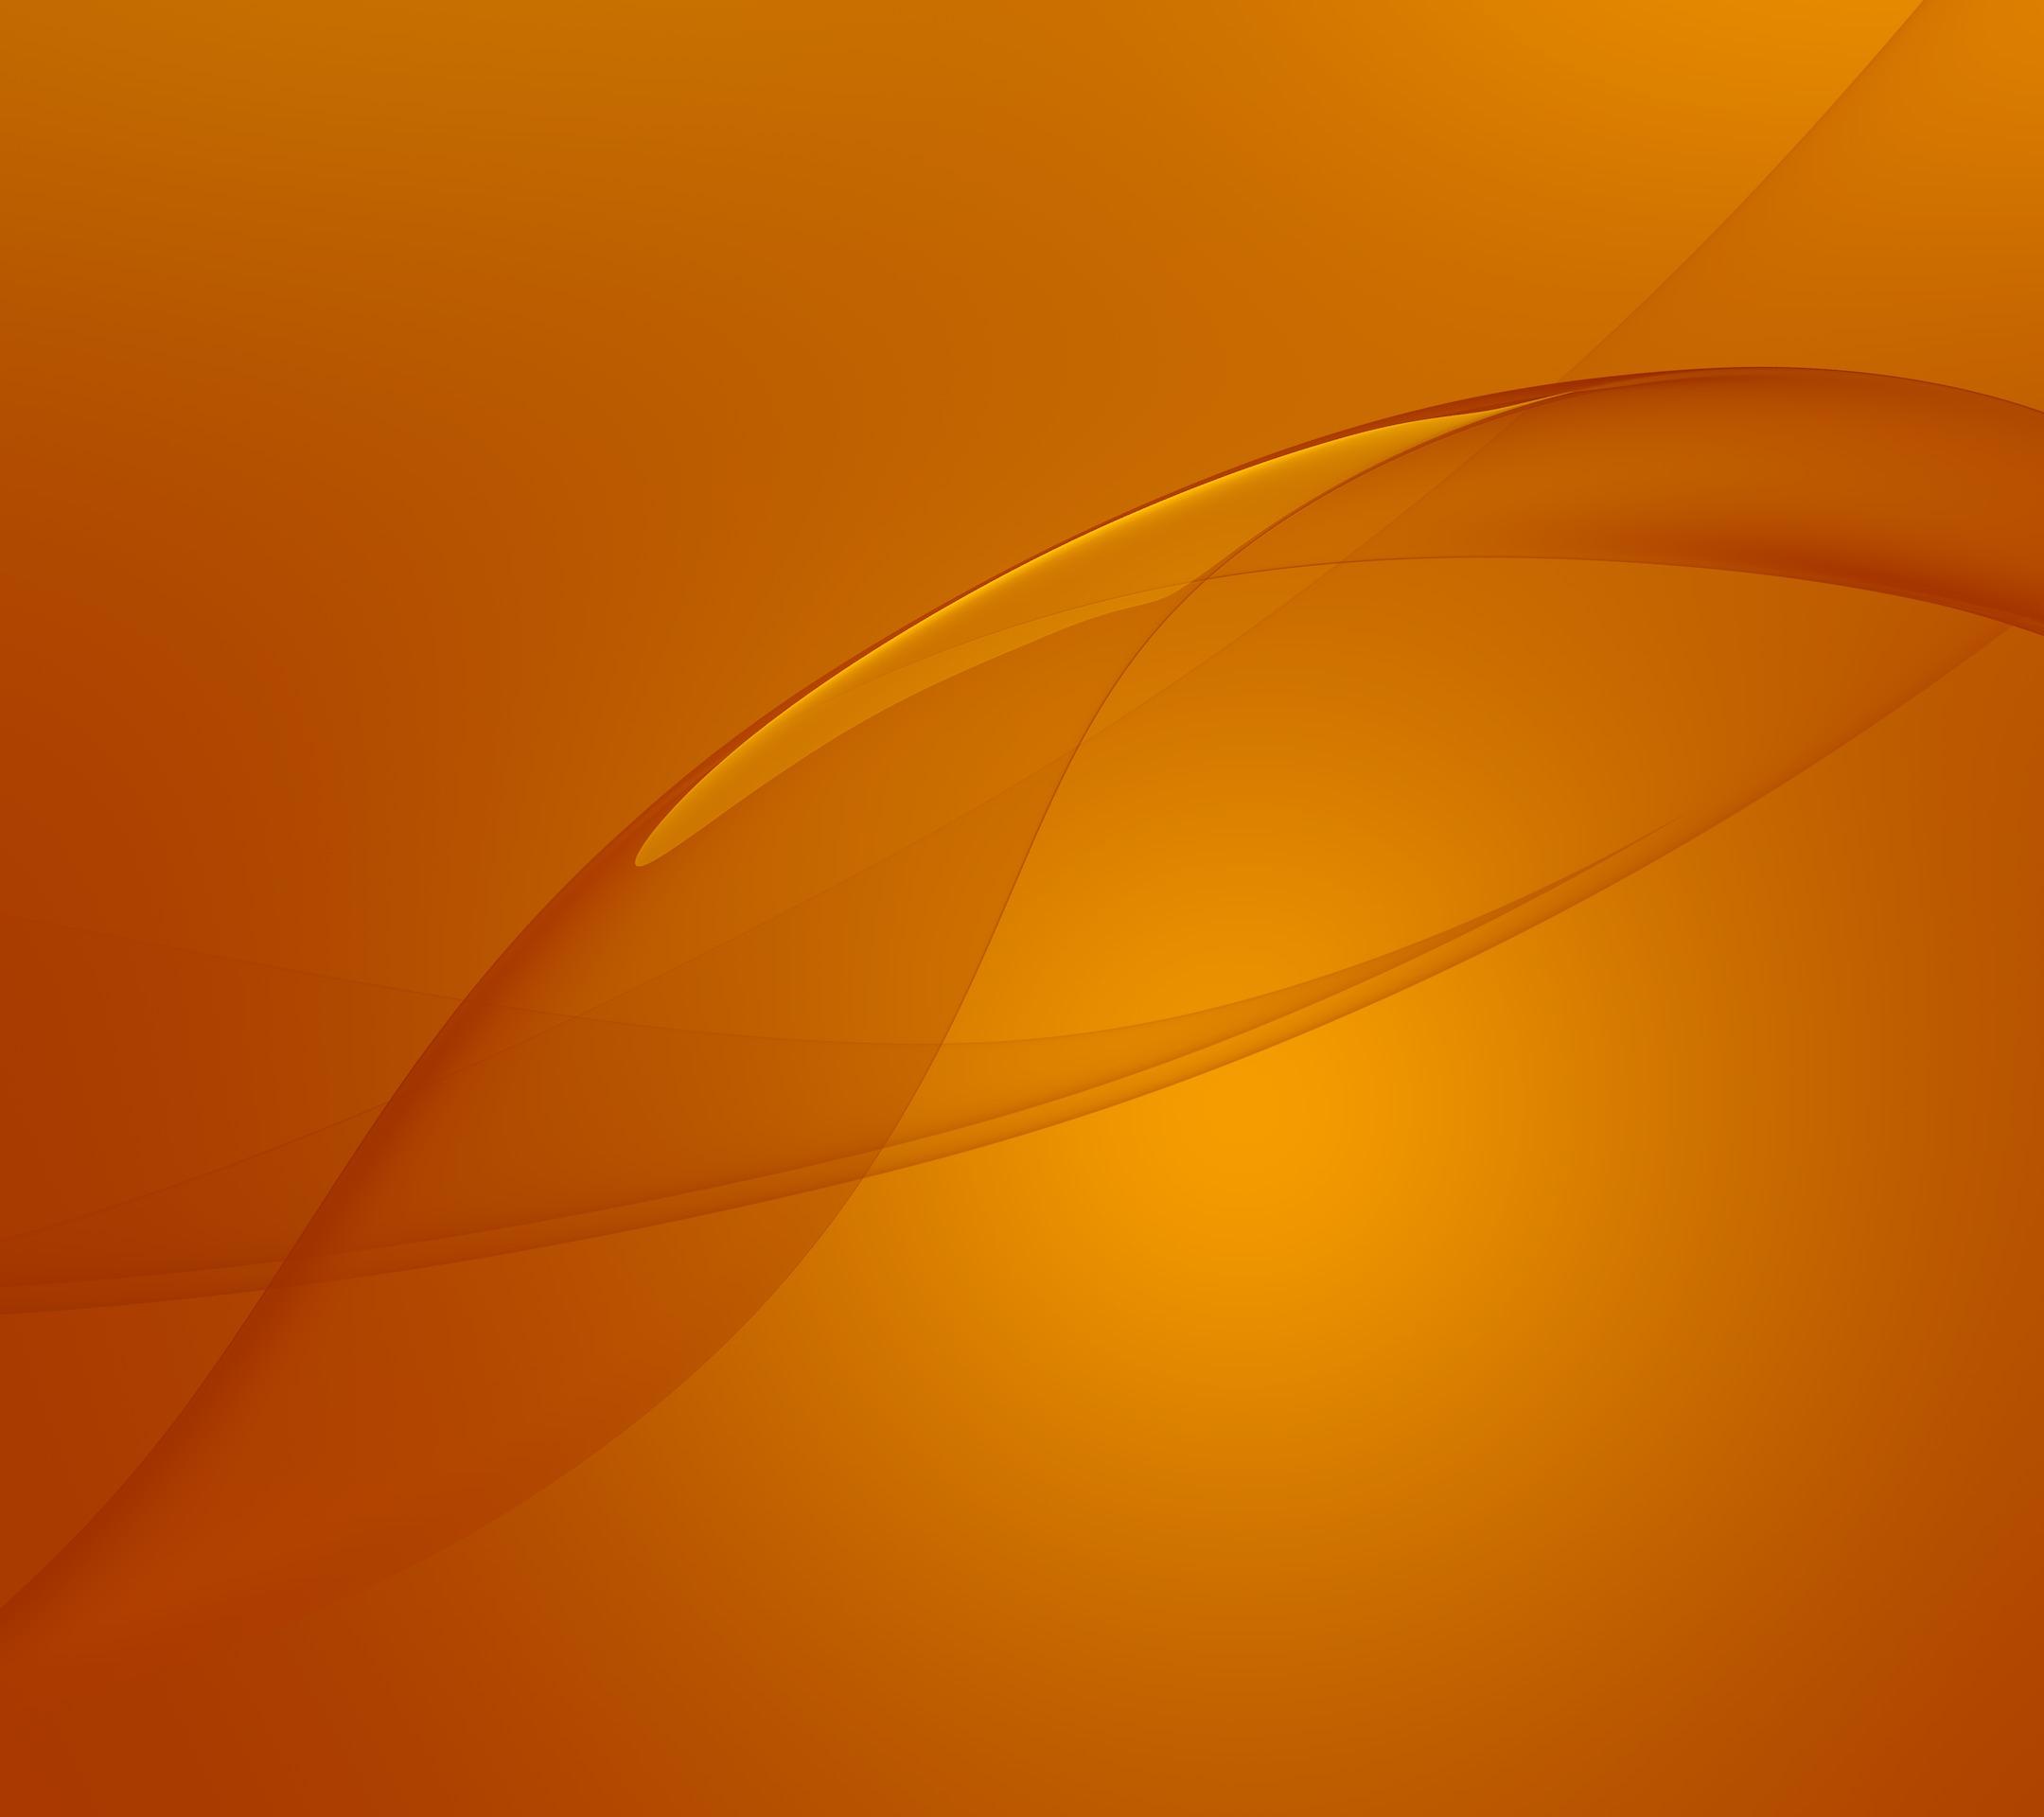 Обои wallpaper, Xperia, stock, experience, z3, sony, orange. Абстракции foto 6